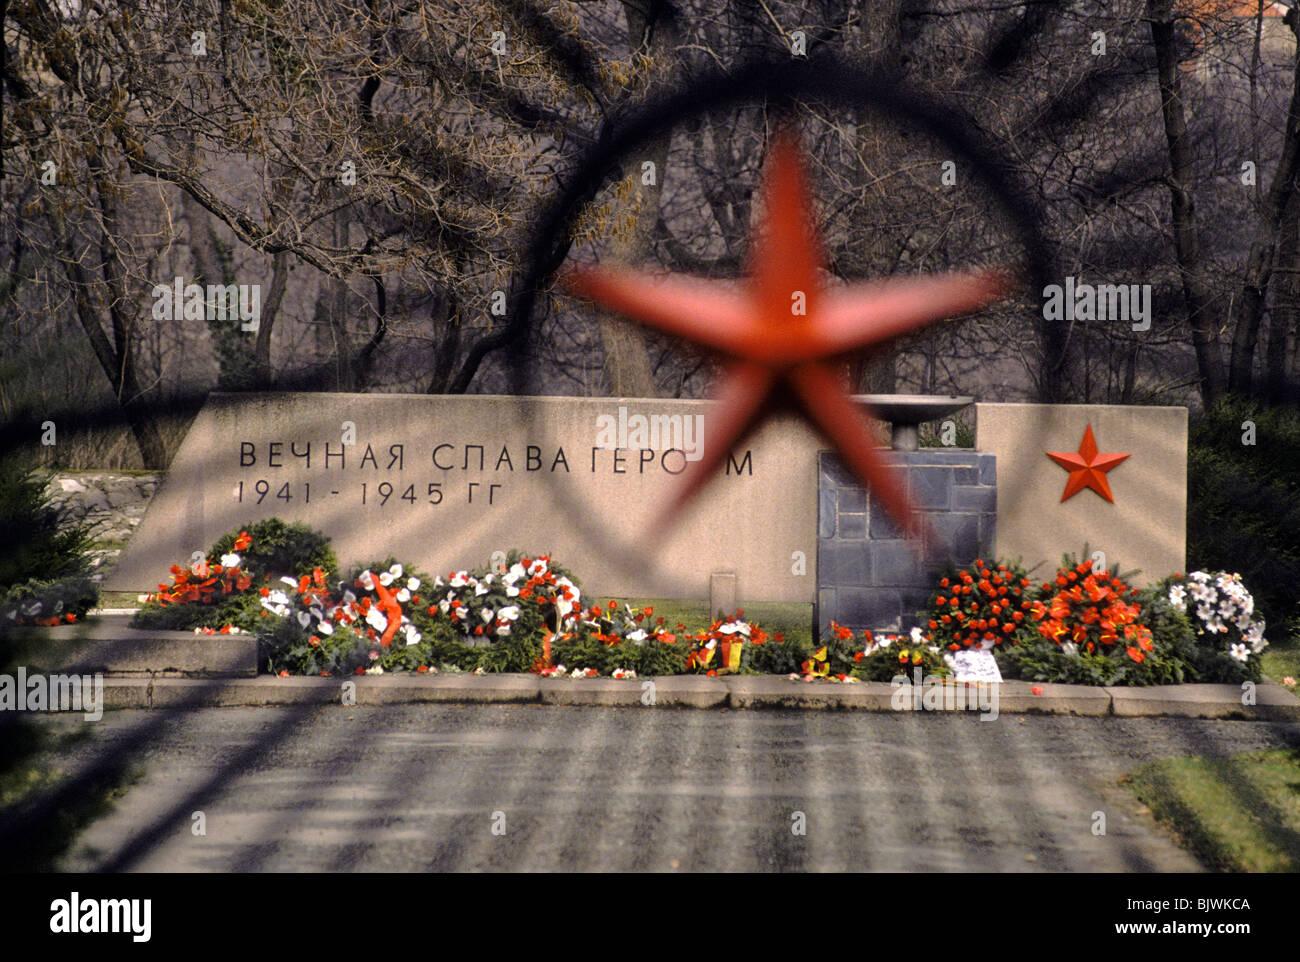 Un mémorial pour les soldats russes tués pendant la Seconde Guerre mondiale dans la région de Potsdam, Photo Stock